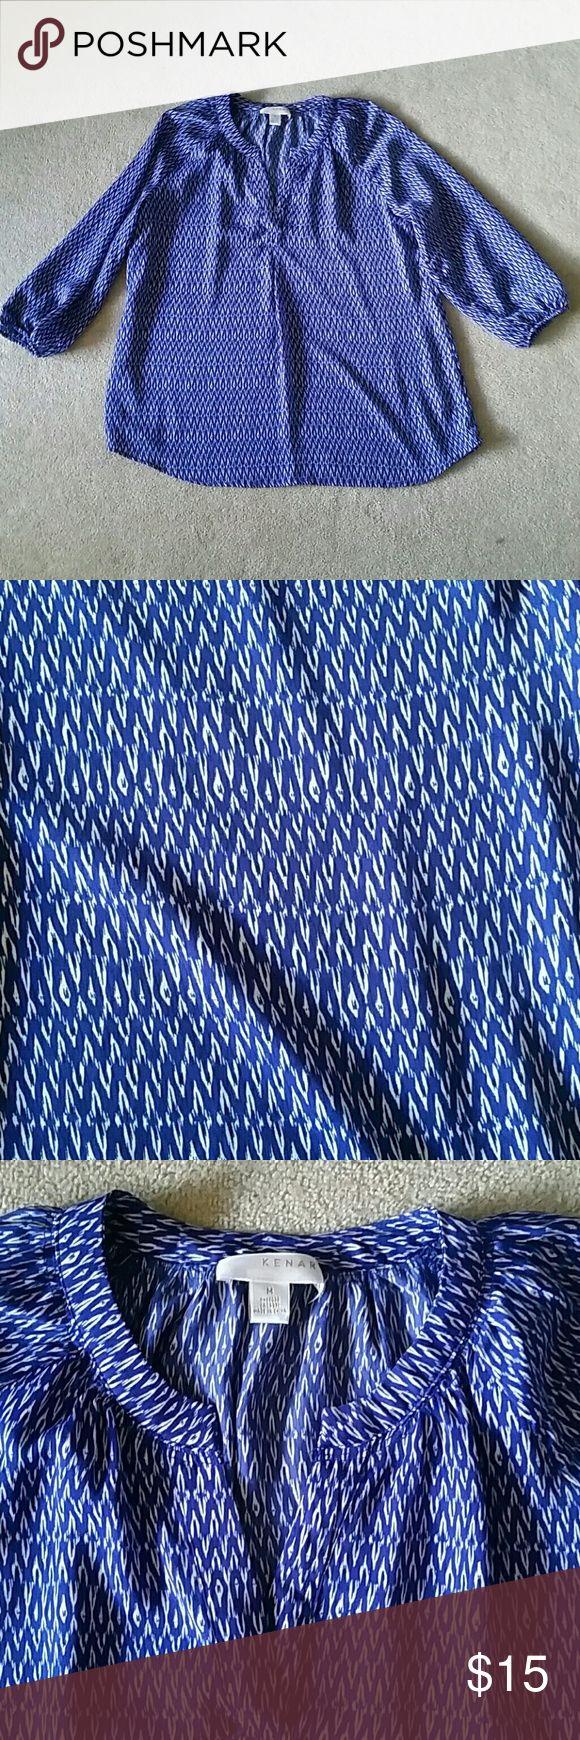 3/4 sleeve blouse Fun print, loose flowing blouse Kenar Tops Blouses